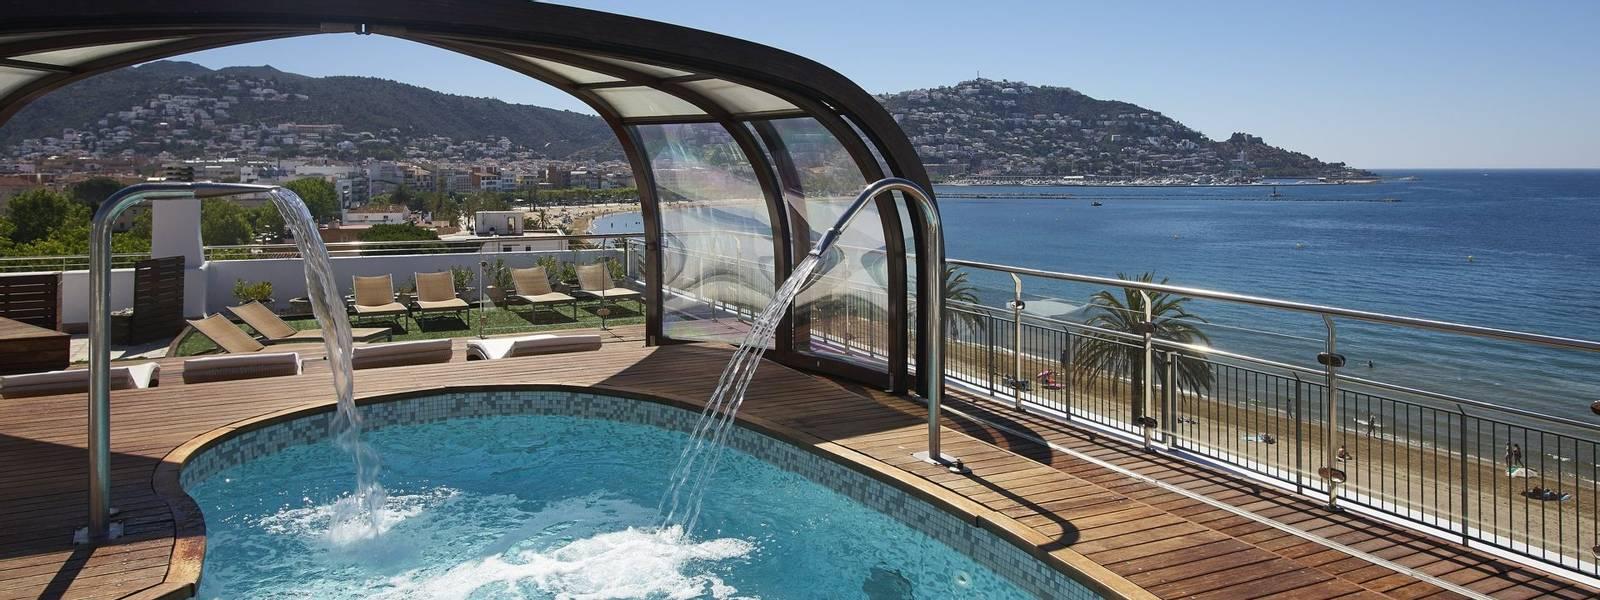 Spain - Catalonia - Terraza Hotel & Spa - 98B9013.jpg